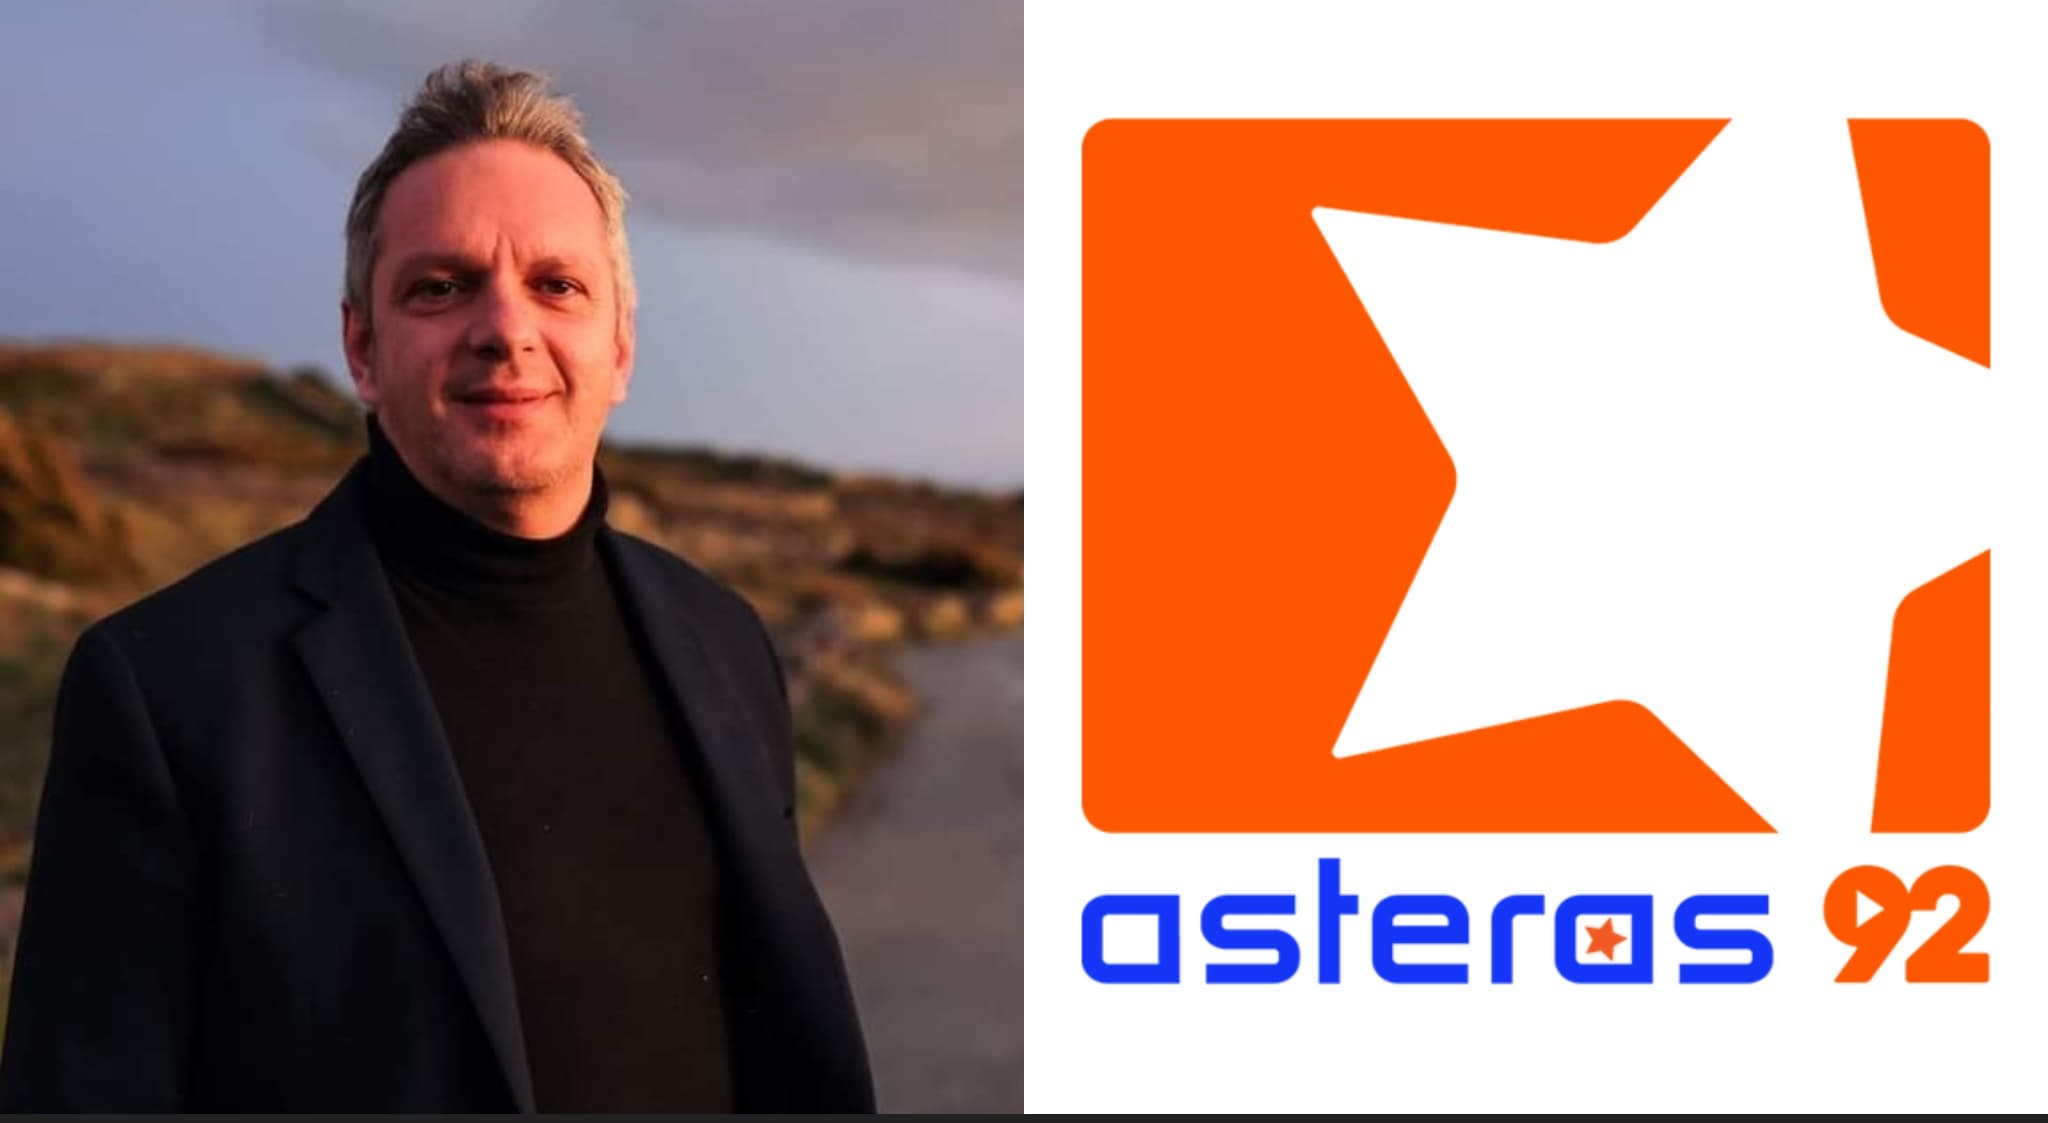 Ο Χρήστος Βουραζέρης στο Asteras Radio 92: Όσα πρέπει να γνωρίζετε για τον ΕΝ.Φ.Ι.Α.